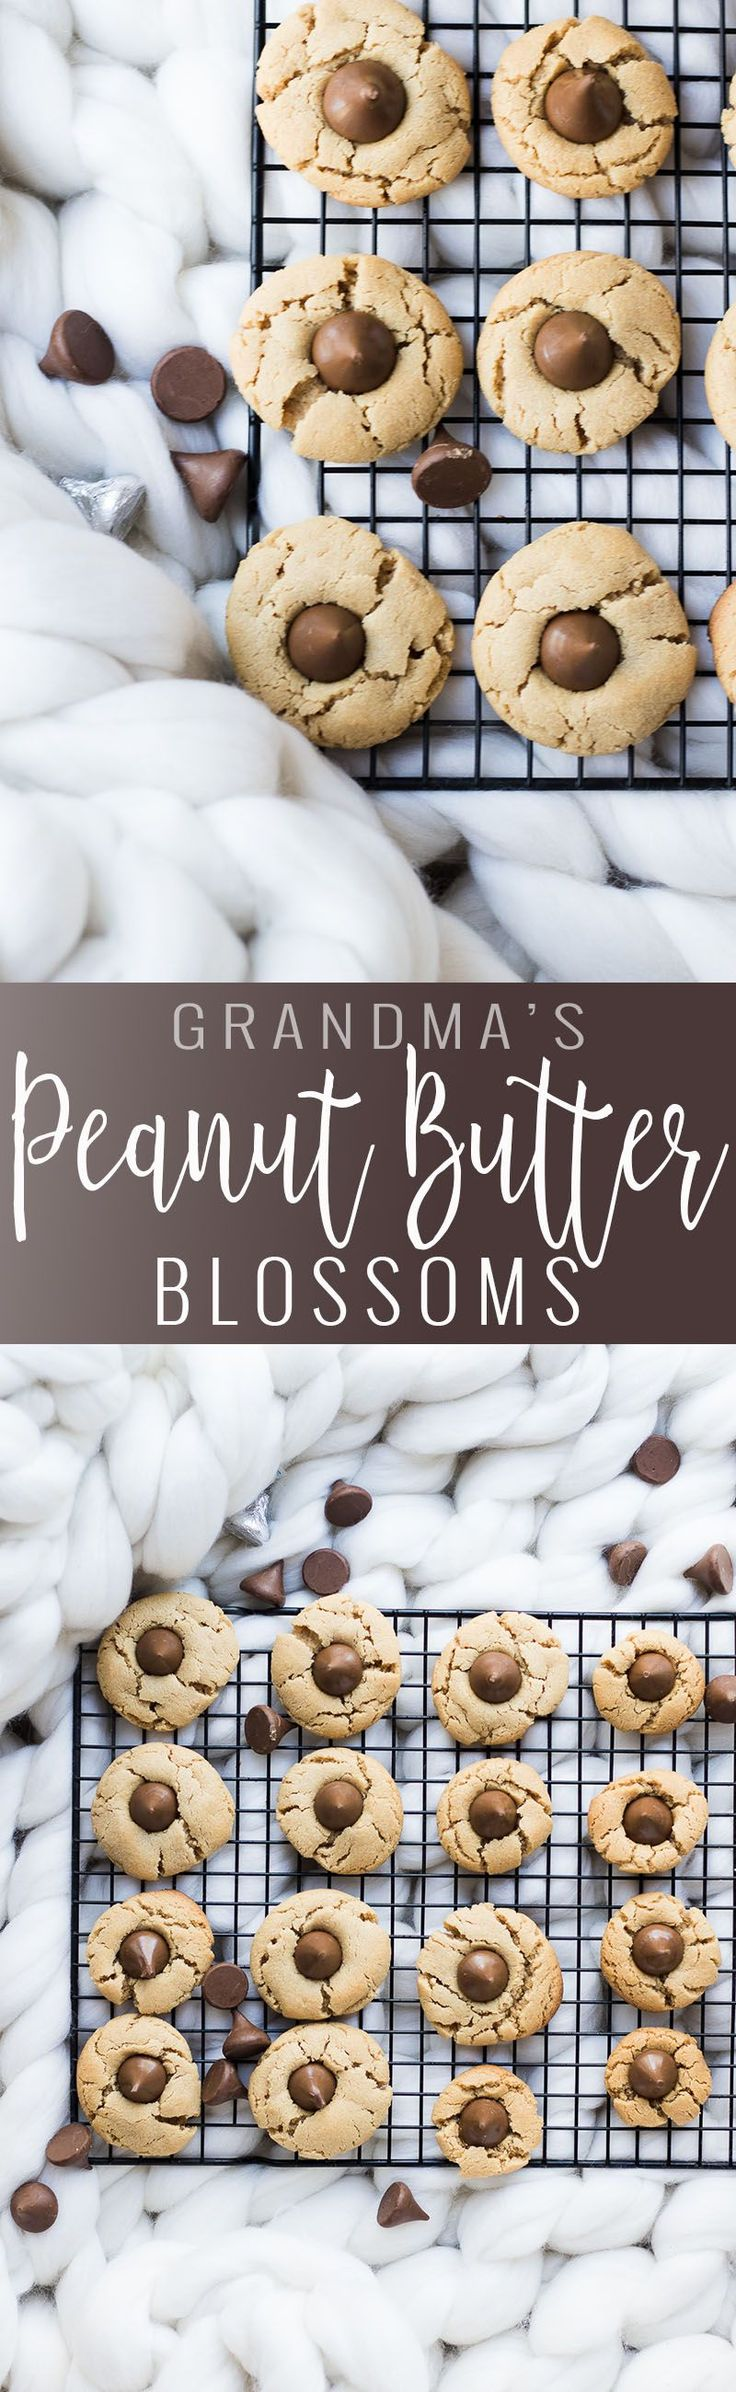 Peanut Butter Blossoms | homemade peanut butter blossom recipe | peanut butter cookie recipes | how to make peanut butter blossoms | homemade cookie recipes | cookie recipes homemade || Oh So Delicioso